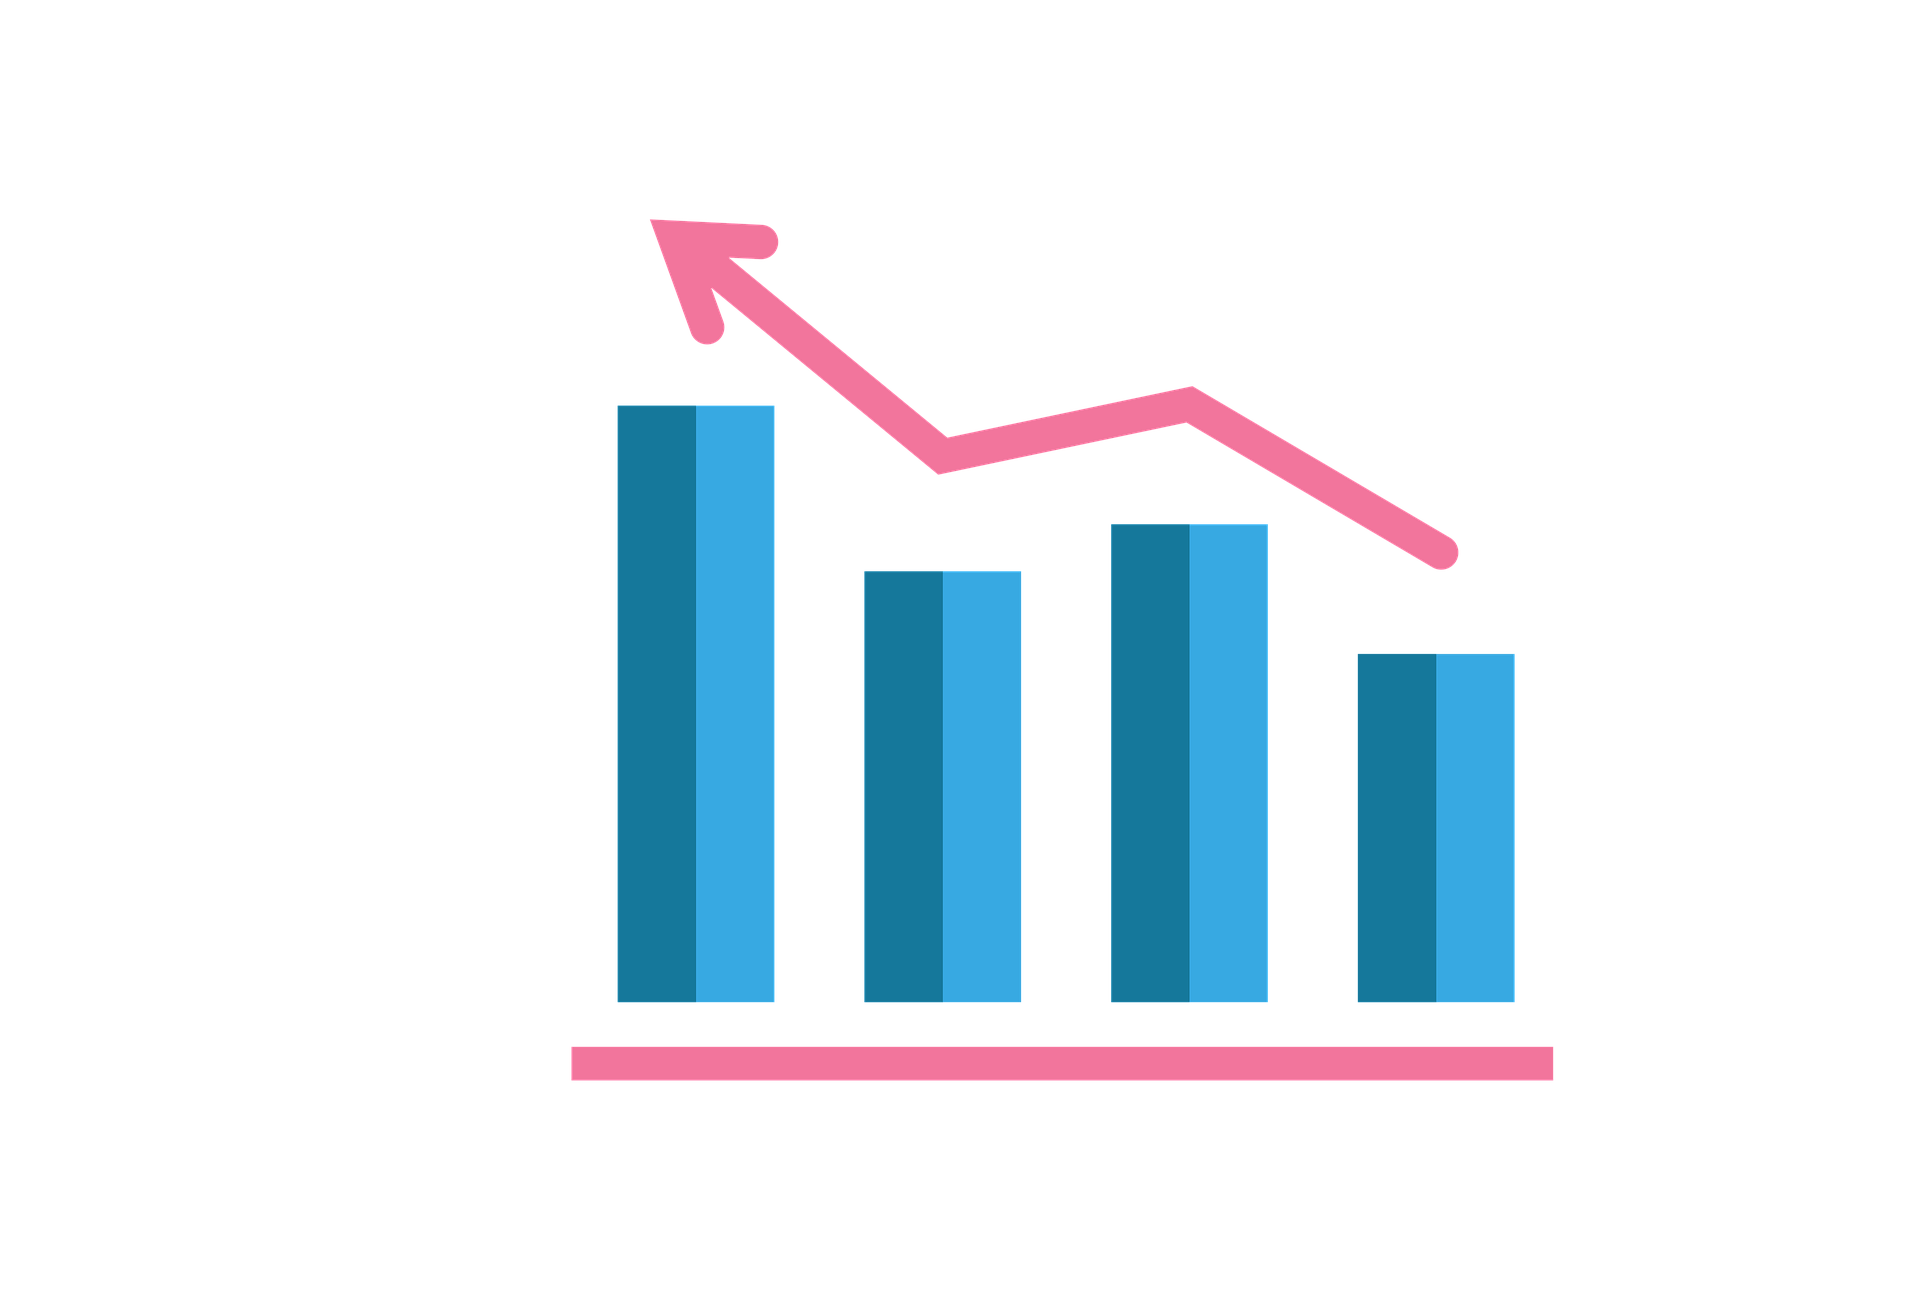 Conheça os principais KPIs que sua agência deve acompanhar